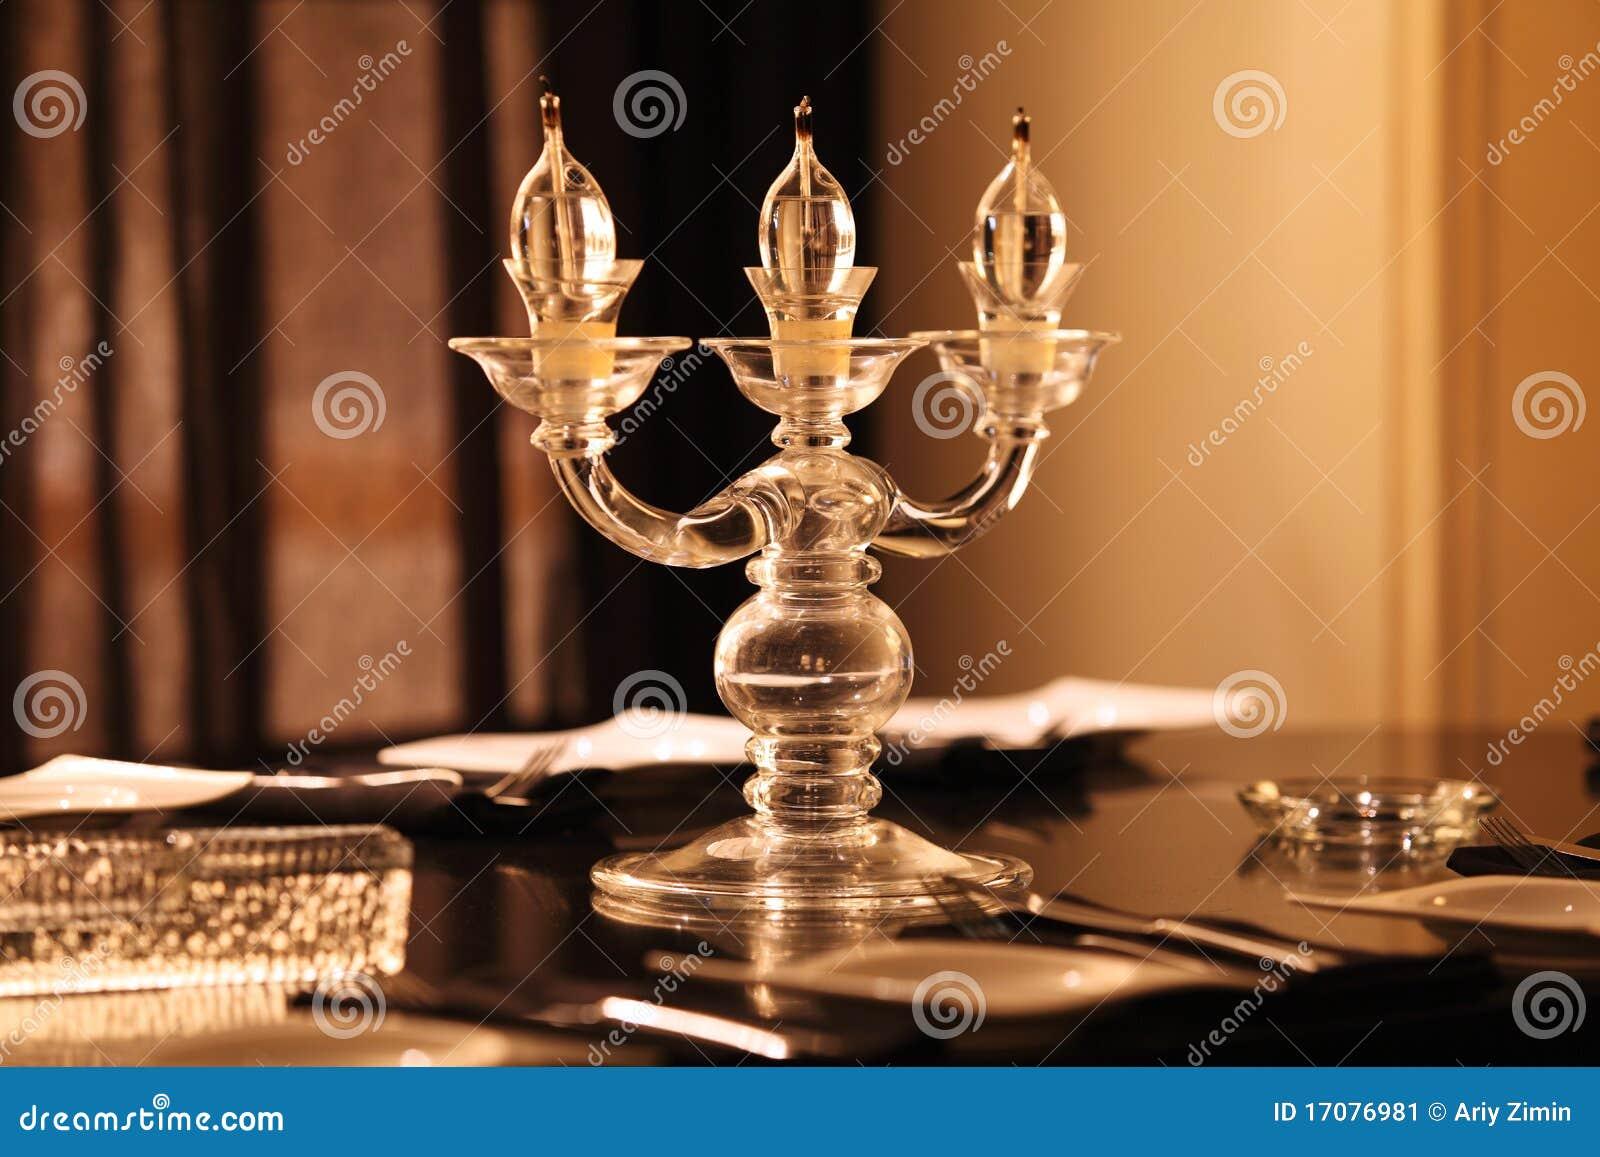 Lumières de bougie sur la table